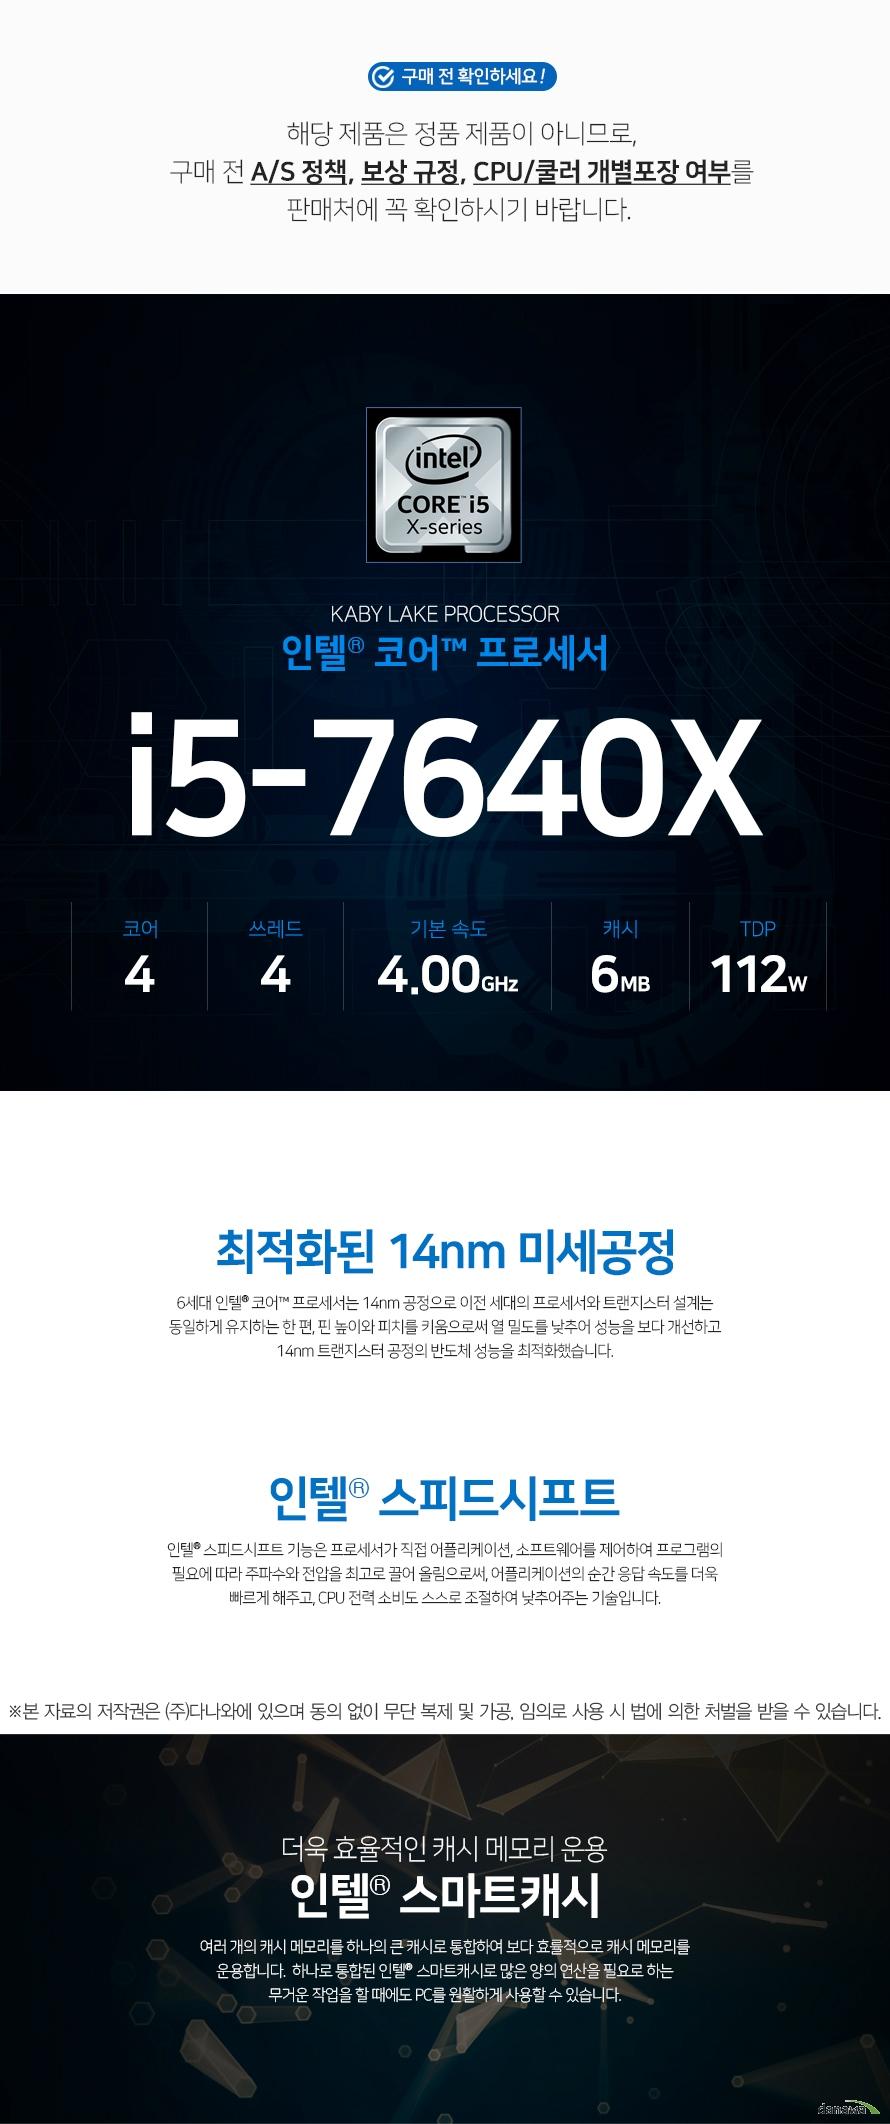 인텔 코어X-시리즈 i5-7640X (카비레이크) (비정품)  해당 제품은 정품 제품이 아니므로,구매 전 A/S 정책, 보상 규정, CPU/쿨러 개별포장 여부를 판매처에 꼭 확인하시기 바랍니다.    최적화된 14nm 미세공정 인텔 코어 프로세서는 14nm 공정으로 이전 세대의 프로세서와 트랜지스터 설계는 동일하게 유지하는 한 편, 핀 높이와 피치를 키움으로써 열 밀도를 낮추어 성능을 보다 개선하고 14nm 트랜지스터 공정의 반도체 성능을 최적화했습니다.  코어 성능을 극대화!   인텔 스피드시프트 인텔 스피드시프트 기능은 프로세서가 직접 어플리케이션, 소프트웨어를 제어하여 프로그램의 필요에 따라 주파수와 전압을 최고로 끌어 올림으로써, 어플리케이션의 순간 응답 속도를 더욱 빠르게 해주고, CPU 전력 소비도 스스로 조절하여 낮추어주는 기술입니다.  더욱 효율적인 캐시 메모리 운용 인텔 스마트캐시  여러 개의 캐시 메모리를 하나의 큰 캐시로 통합하여 보다 효률적으로 캐시 메모리를 운용합니다.  하나로 통합된 인텔 스마트캐시로 많은 양의 연산을 필요로 하는 무거운 작업을 할 때에도 PC를 원활하게 사용할 수 있습니다.